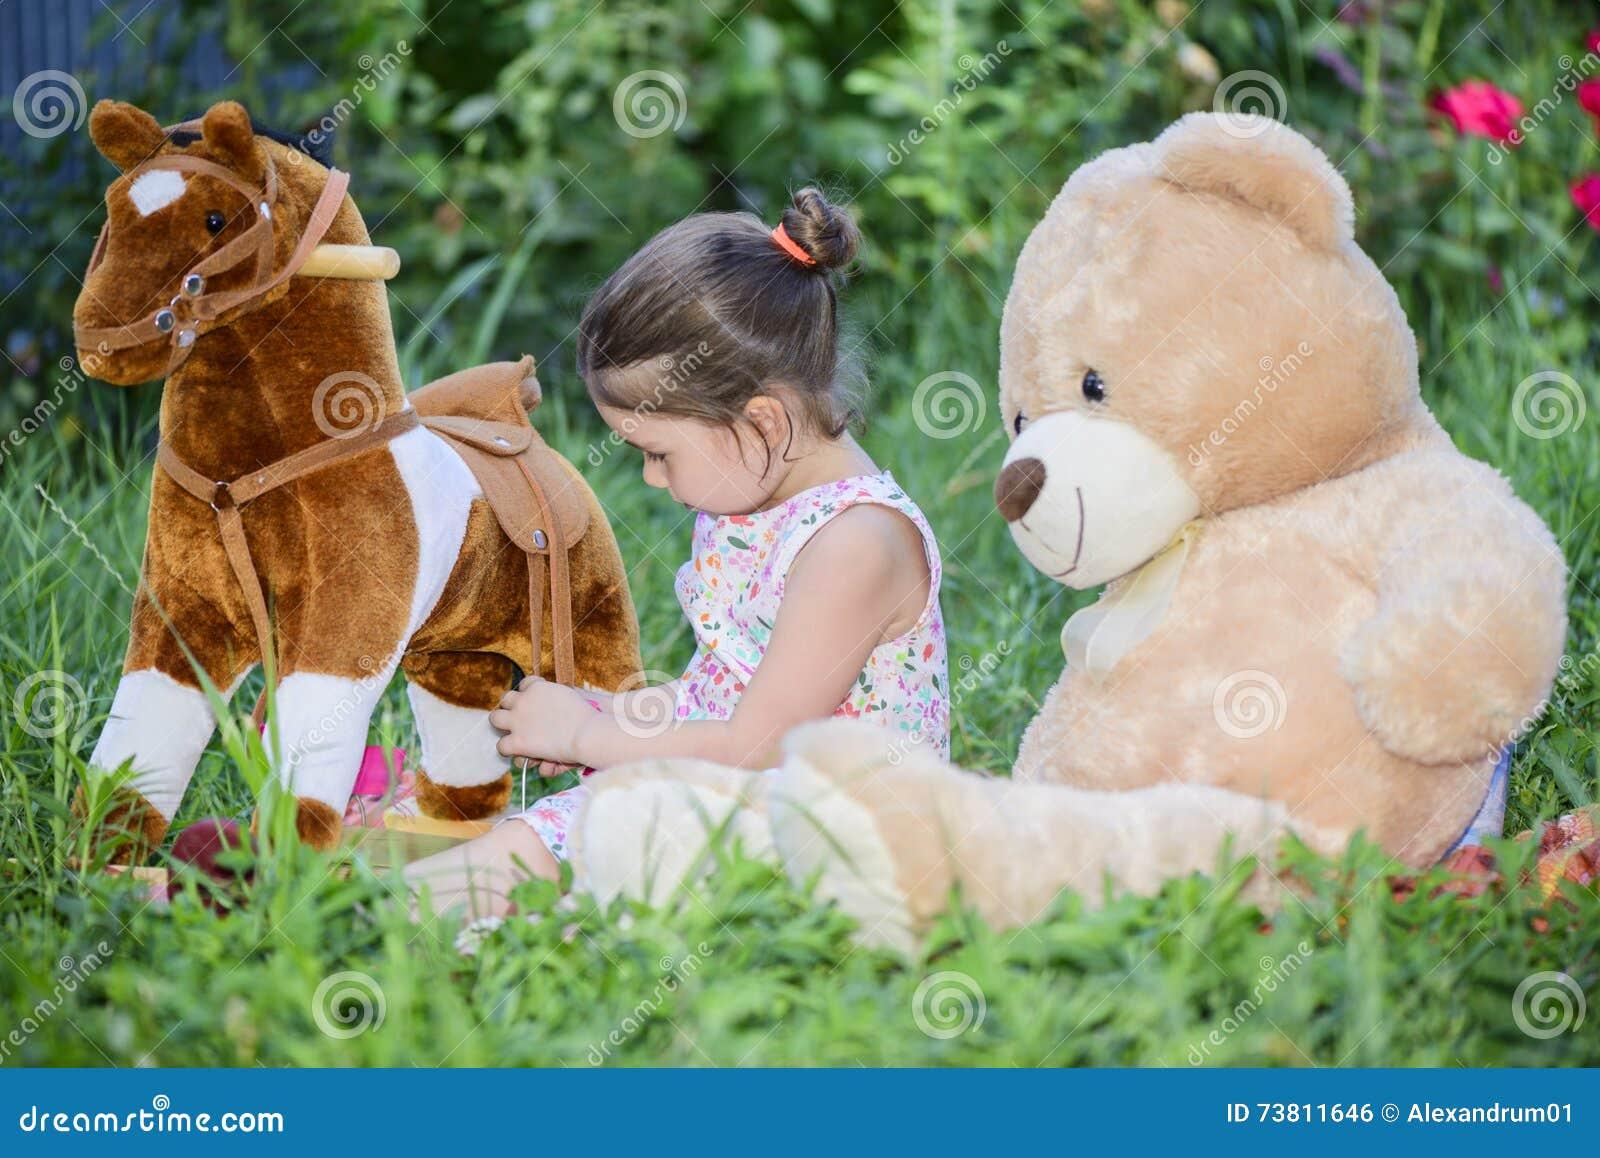 Petite fille jouant avec des jouets sur l herbe verte dehors dans l arrière-cour